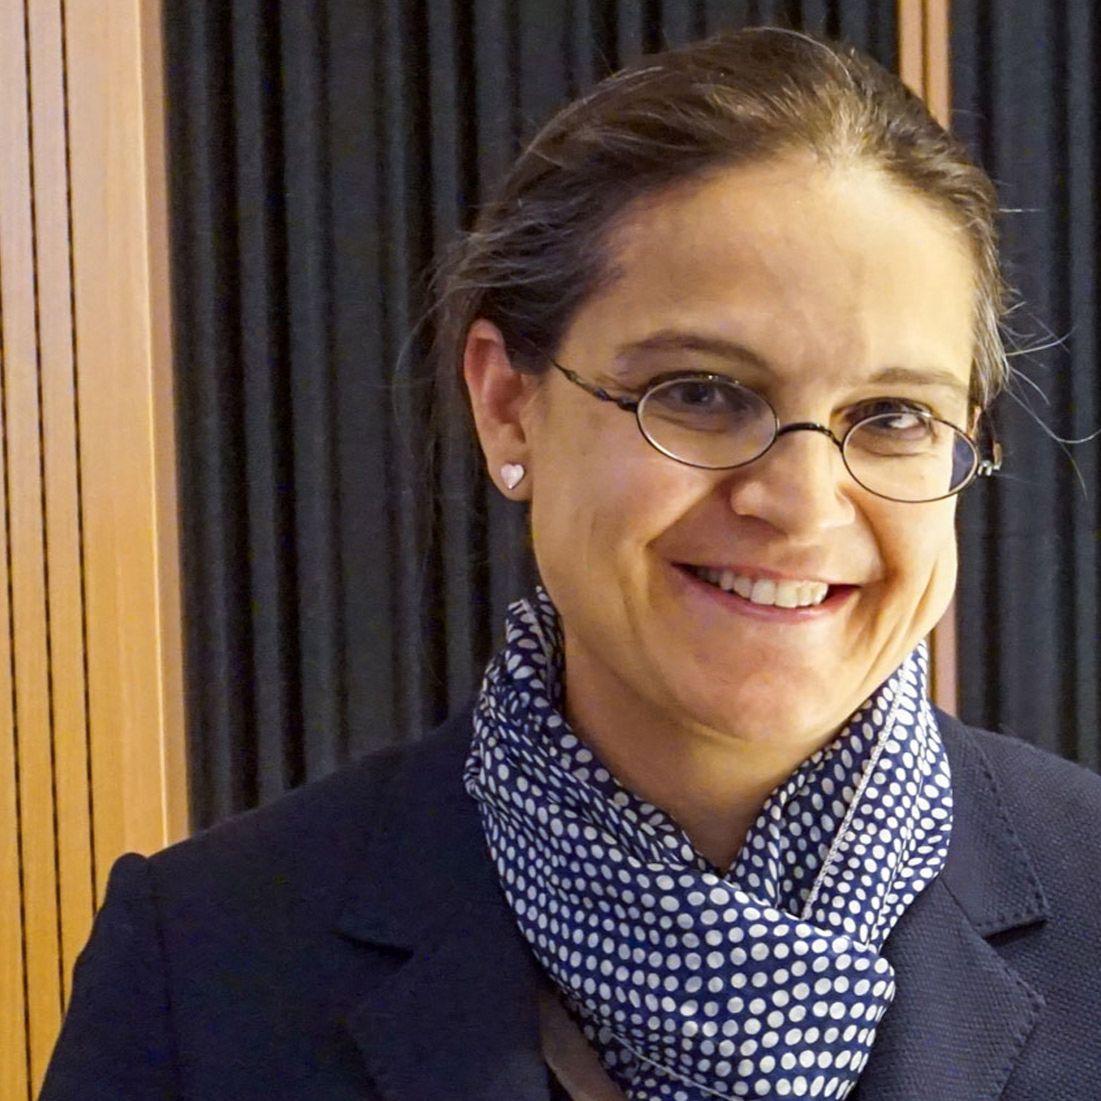 Mária Kolíková - Na mene nového generálneho prokurátora musí byť  jednoznačná dohoda koalície